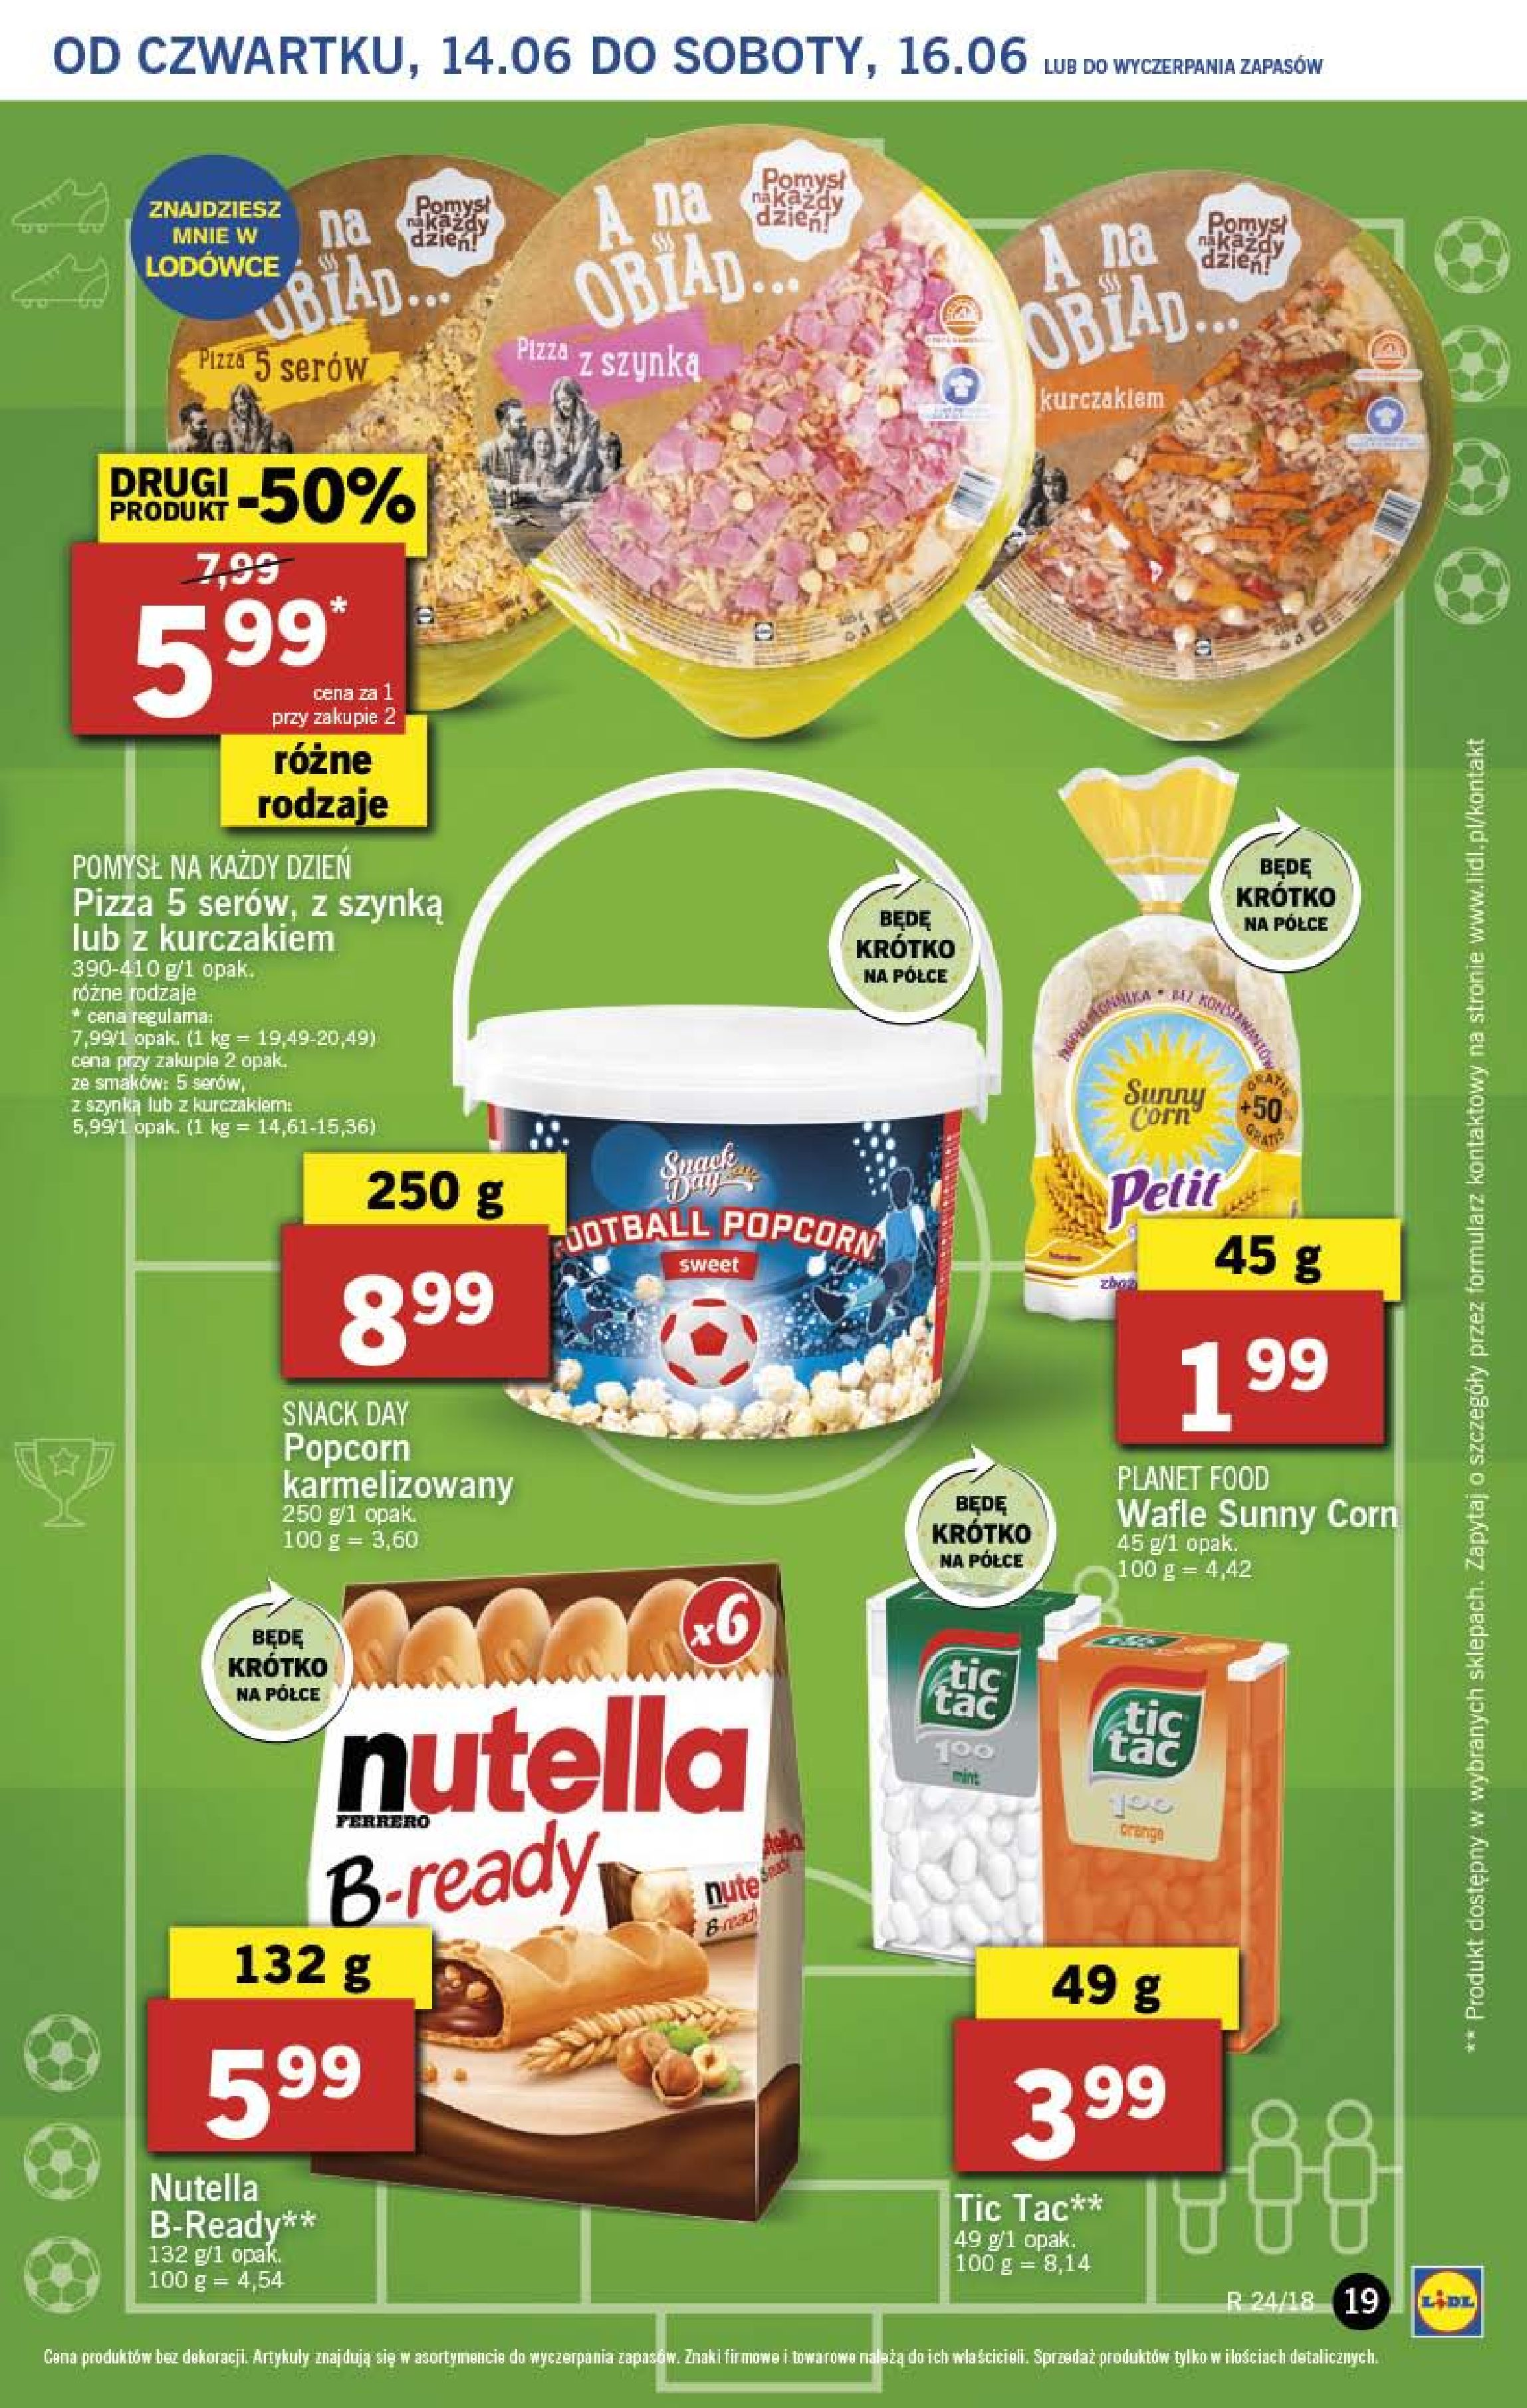 Gazetka Żółta od 14.06 page 19